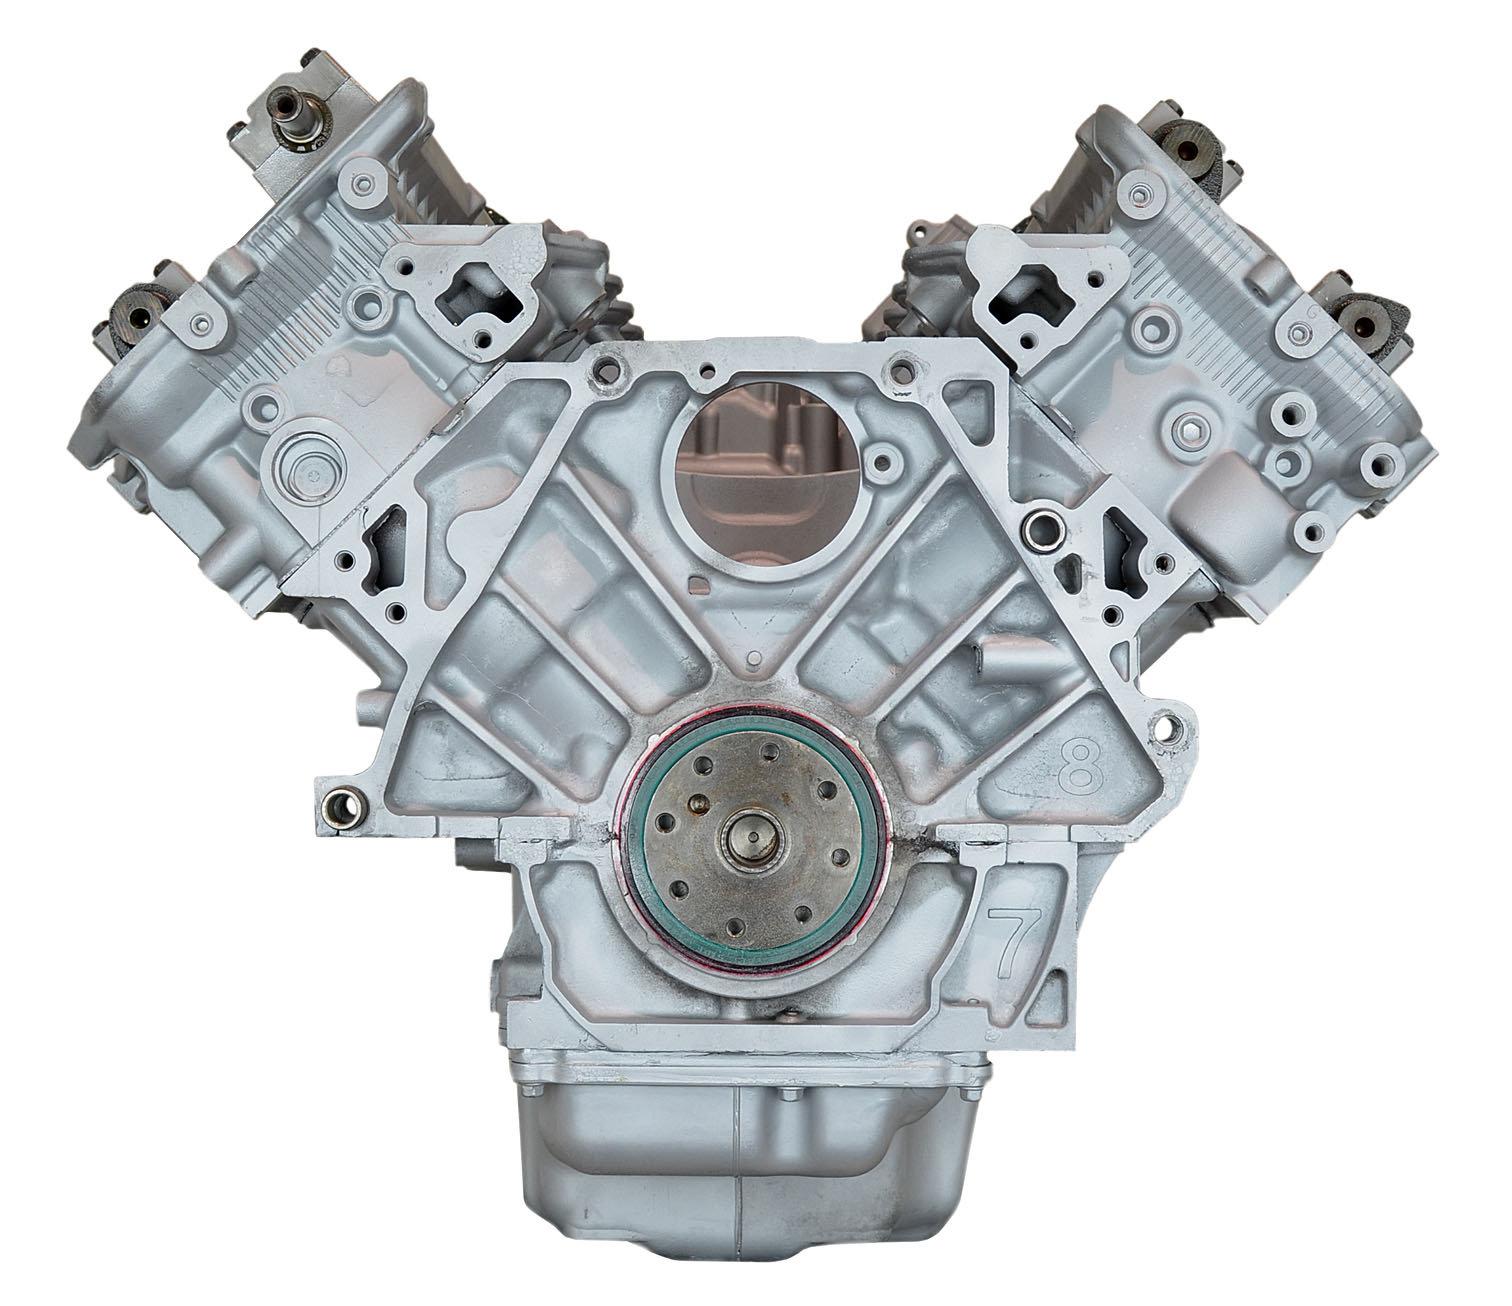 96-99 Cadillac Deville 4.6 NorthStar Engine VIN Y